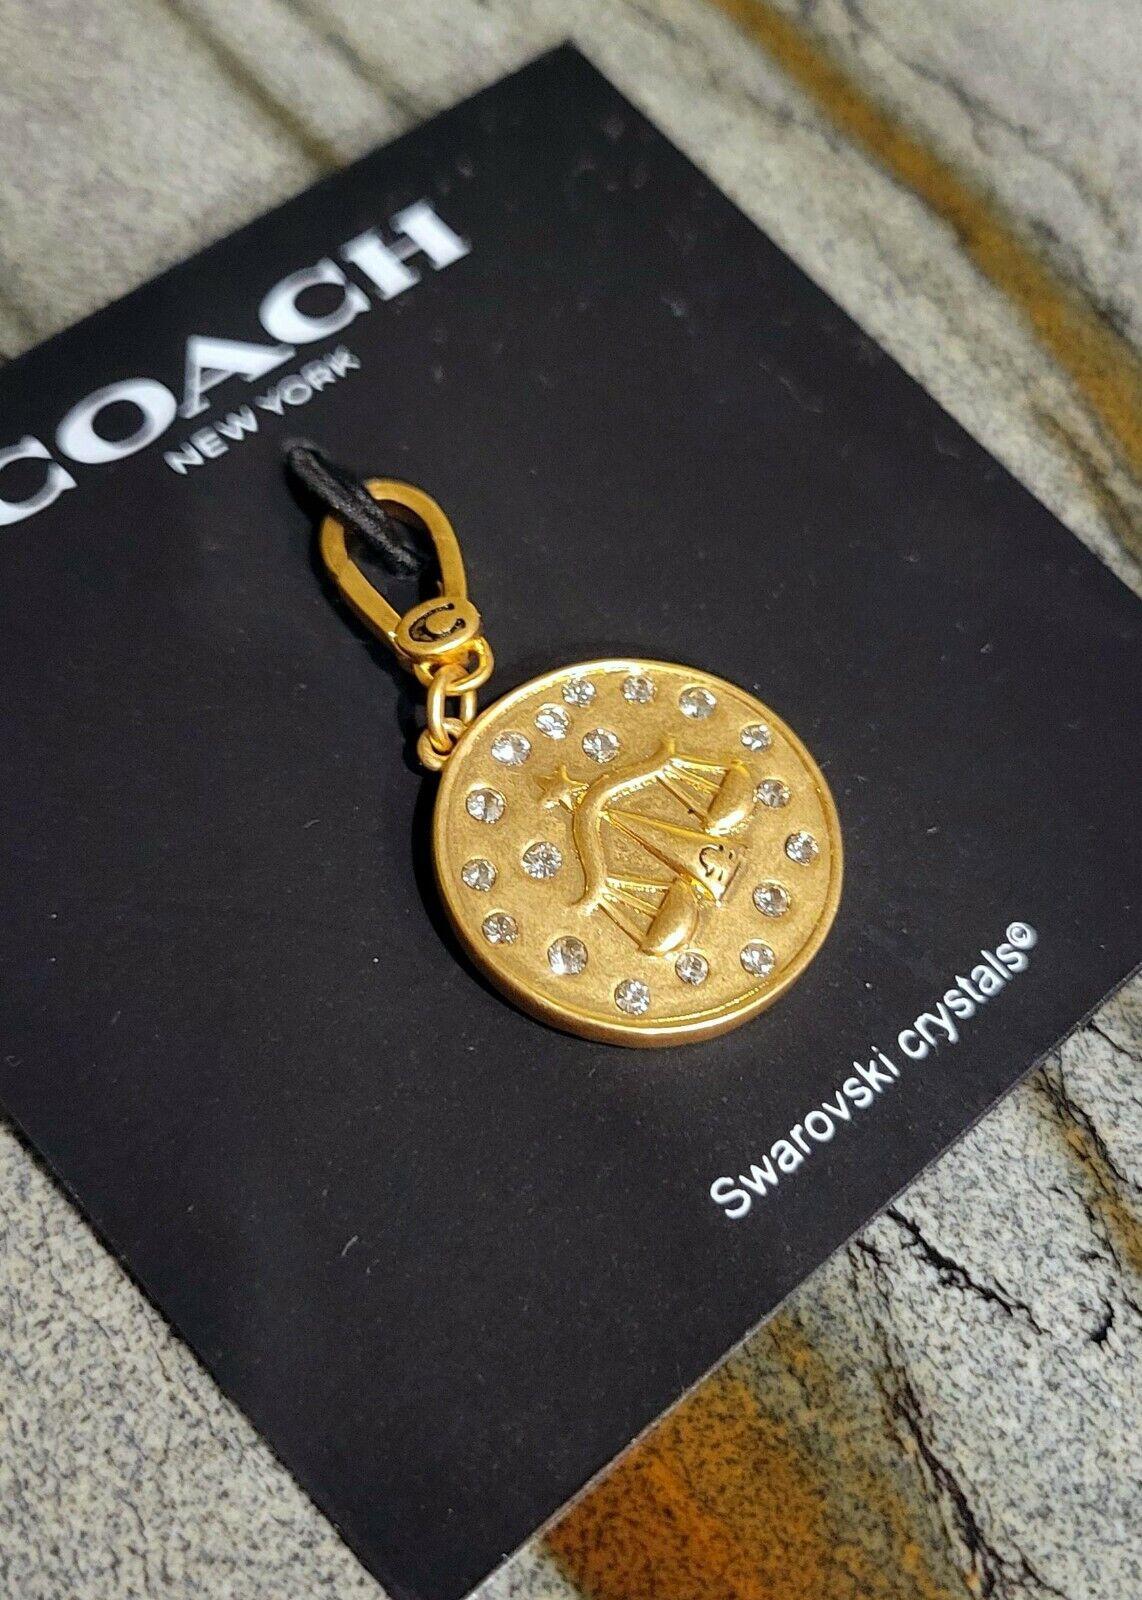 COACH Zodiac Libra Gold-tone charm Swarovski Crystal 55 New pendant jewelry